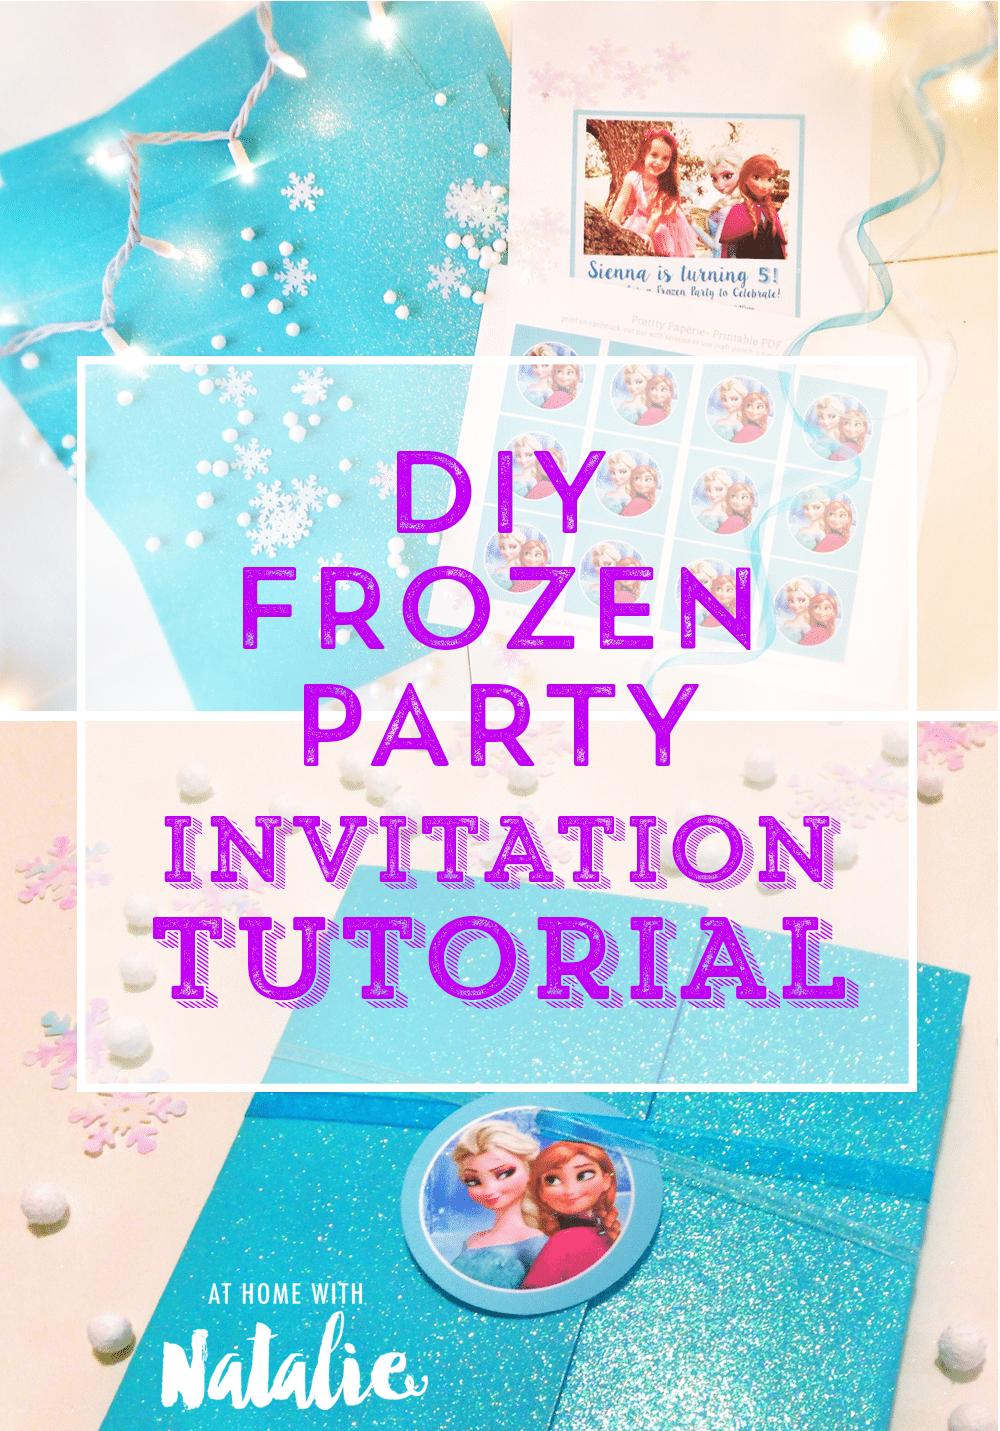 Diy Frozen Party Invitation Tutorial